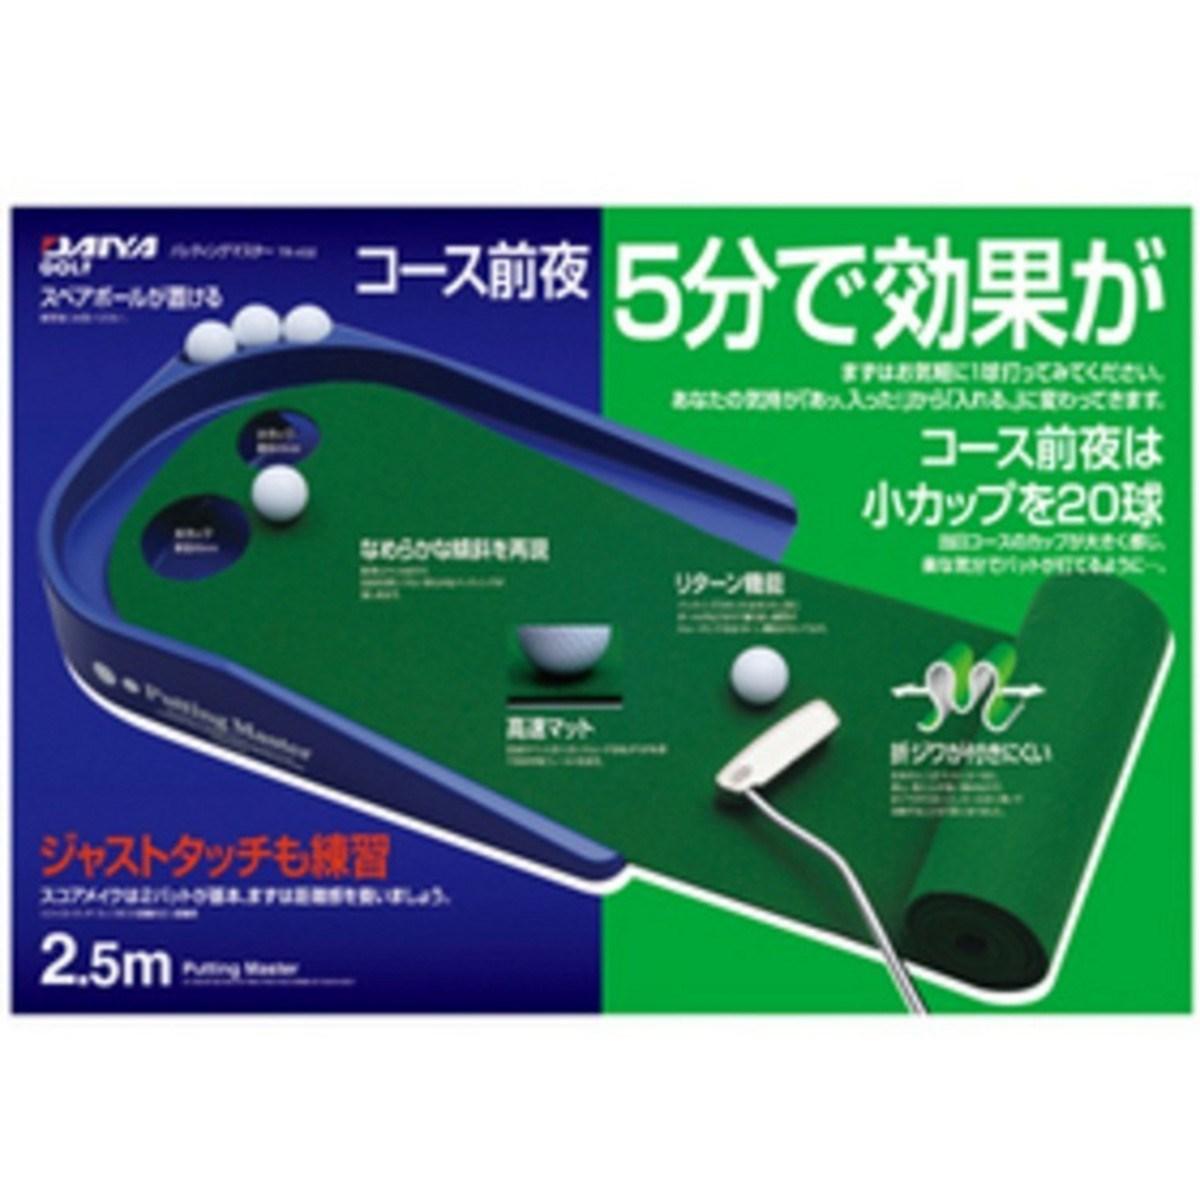 ダイヤゴルフ パッティングマスター TR-432